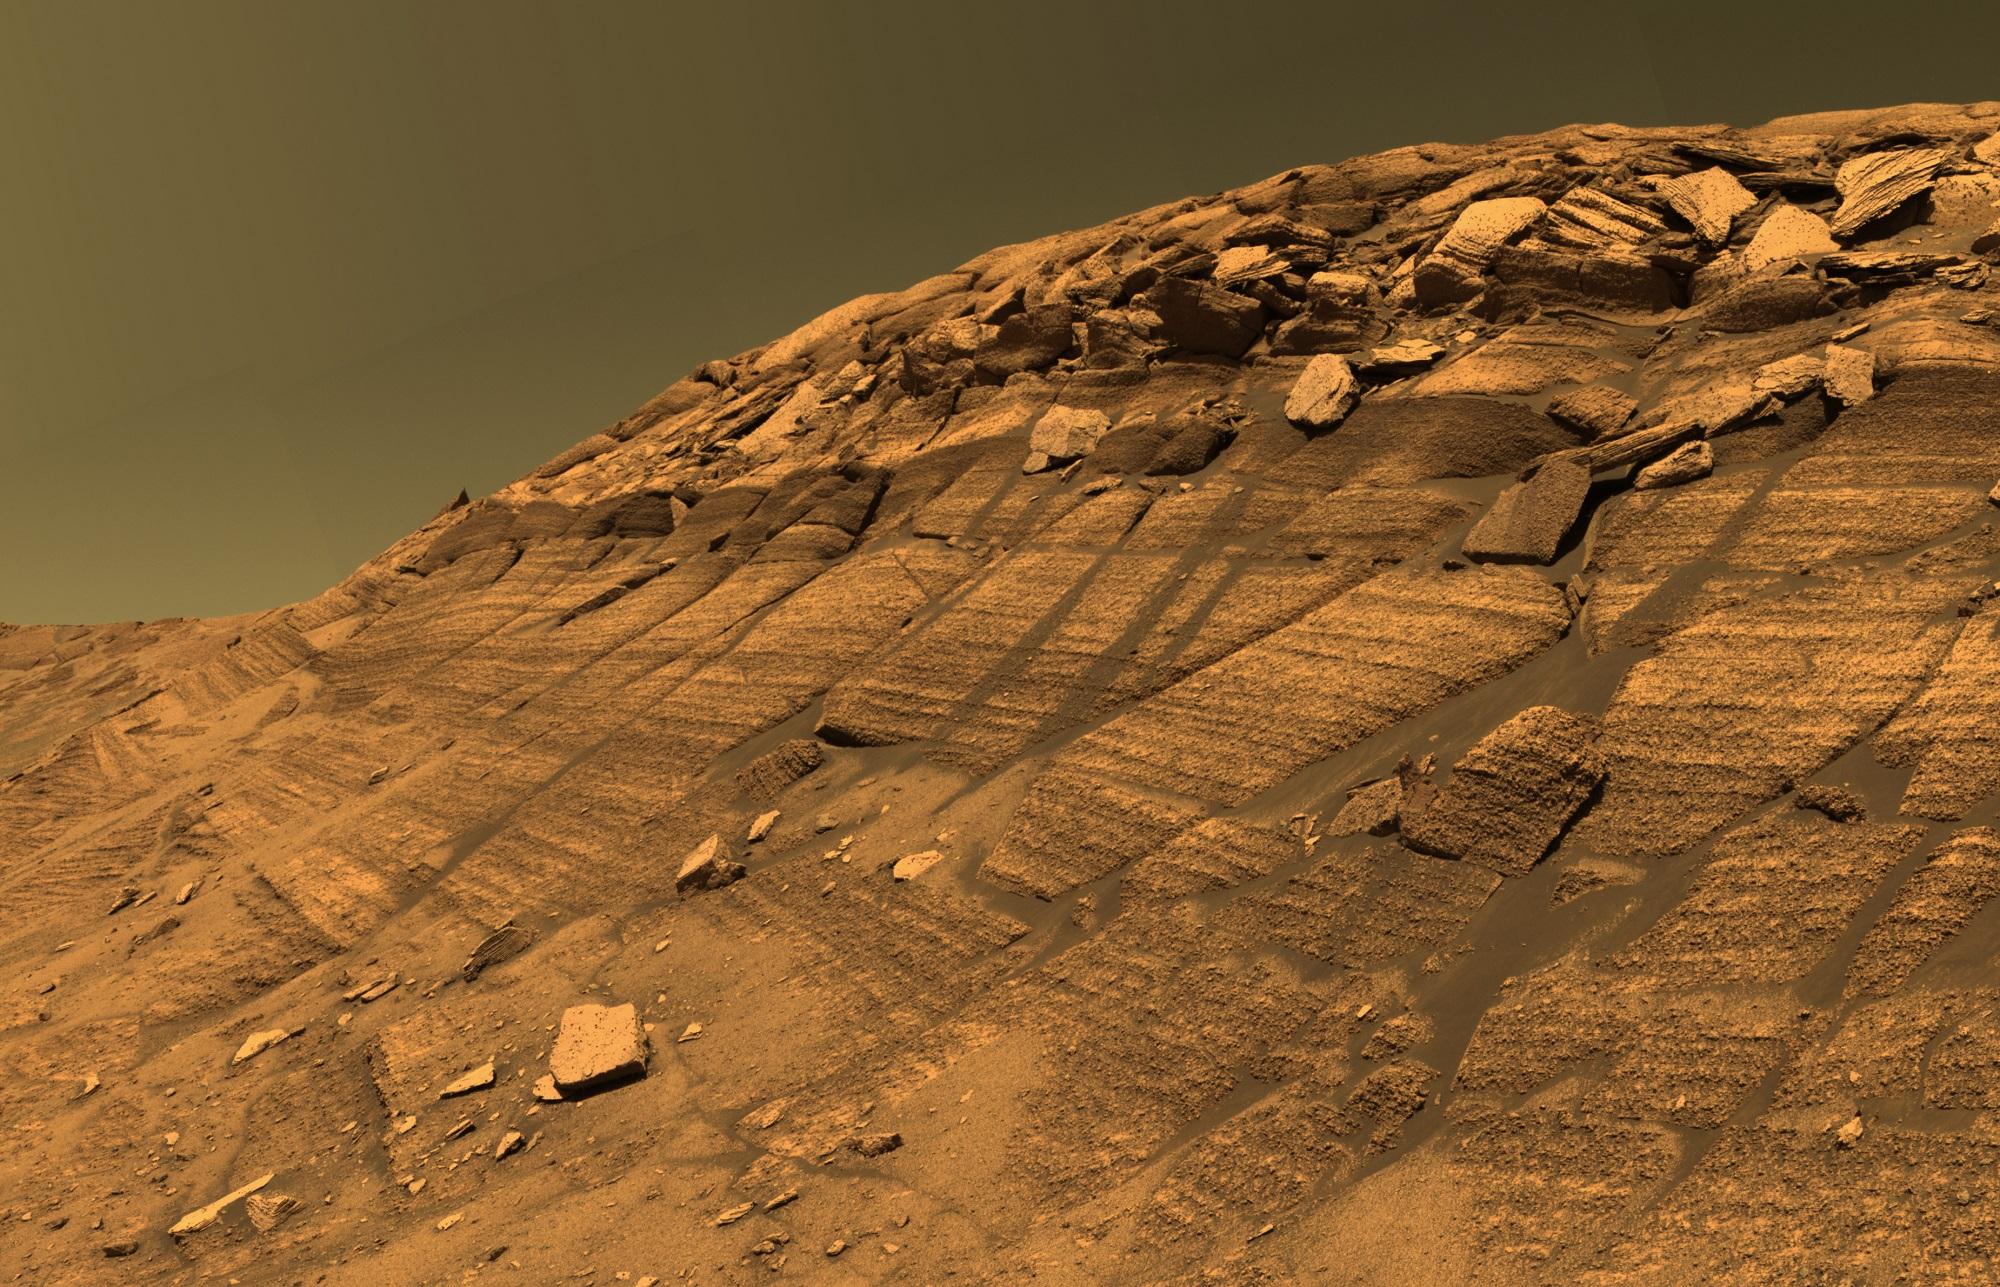 احتمال وجود آب های زیرزمینی در مریخ/